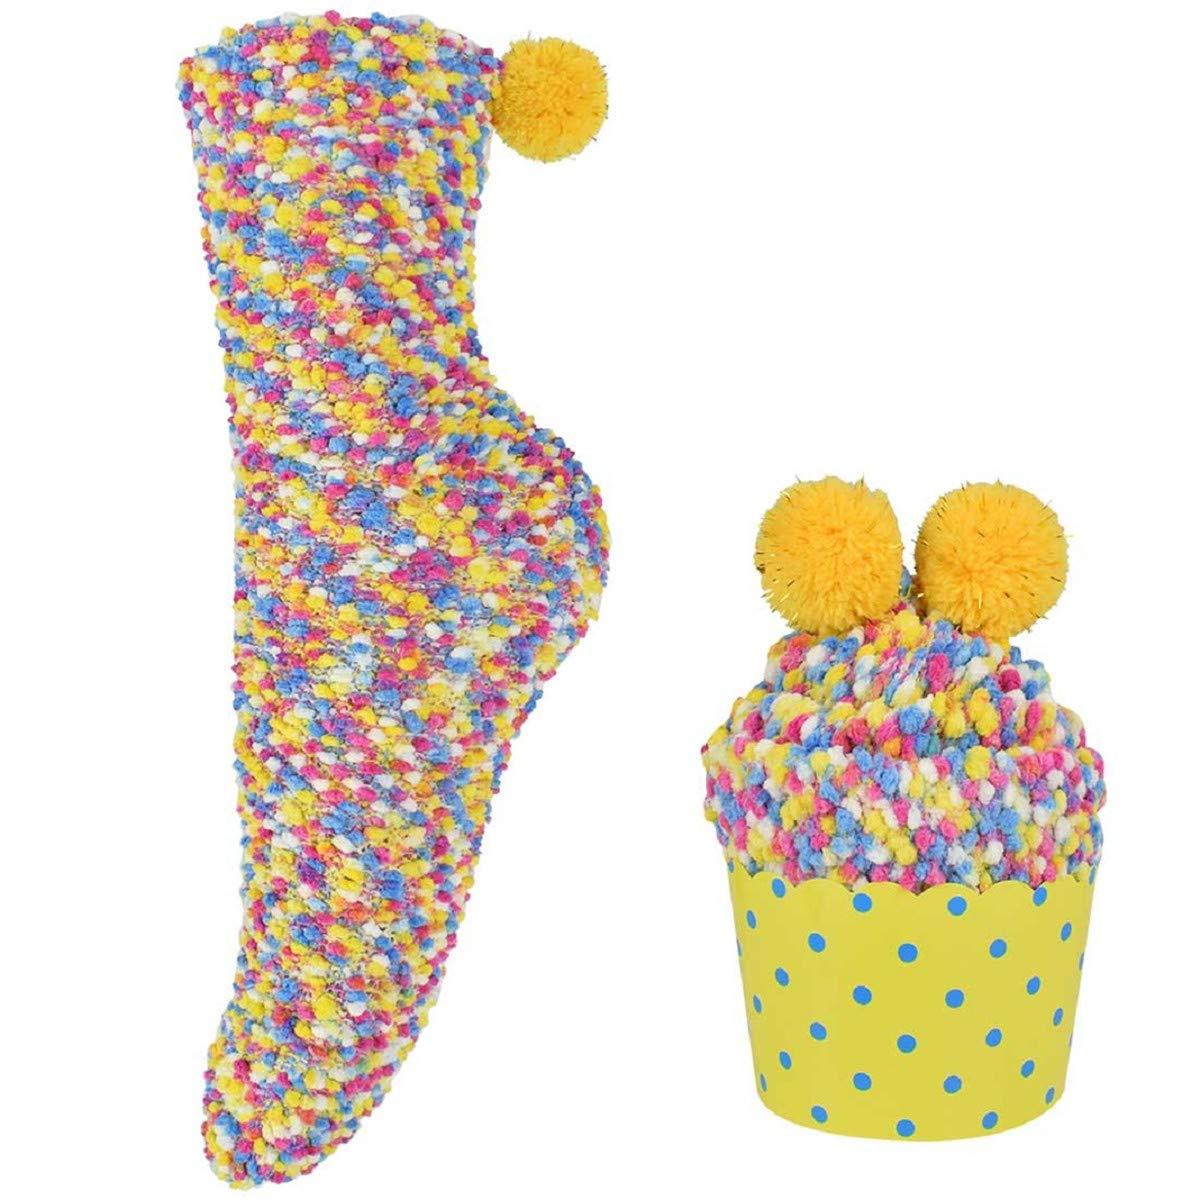 Calde pantofole da donna regalo fai da te per San Valentino 1 paio 1 paio Taglia unica con scatole regalo per cupcake comode Natale soffici e soffici calzini da letto Tuopuda super soffici